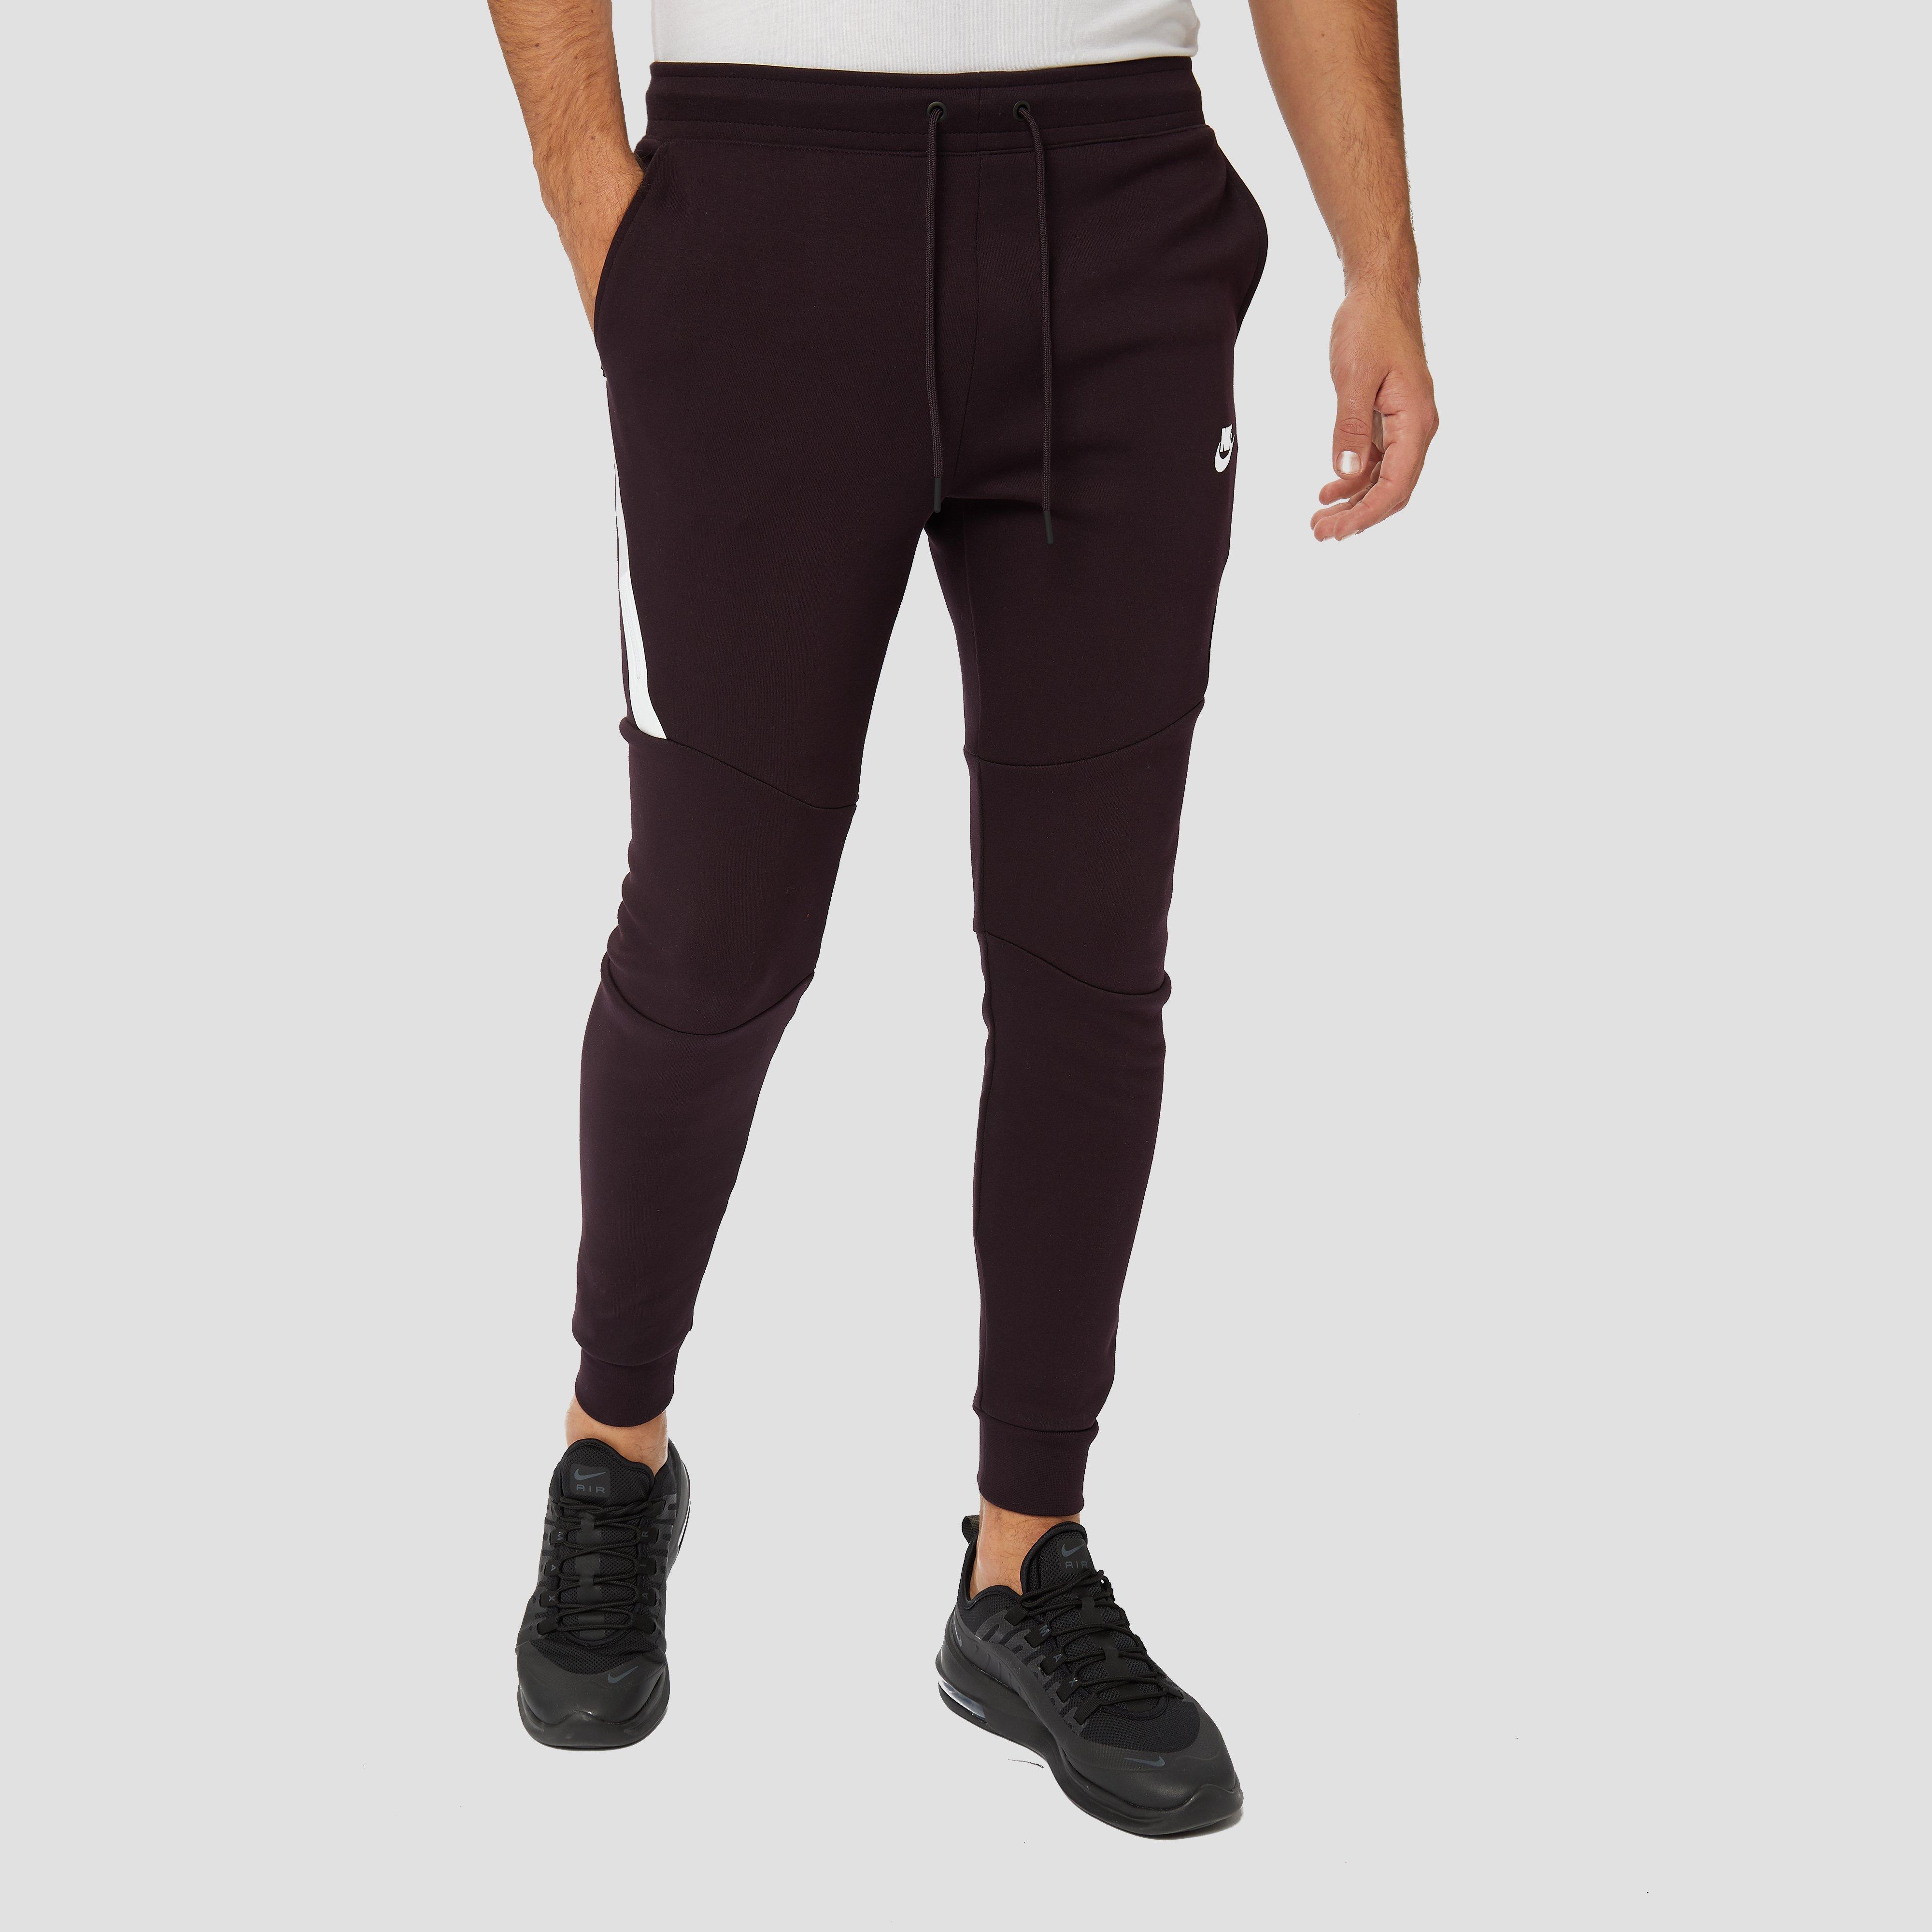 Sportswear Fleece Donker HerenPerrysport Nike Joggingbroek Tech Paars MpqVzSUG